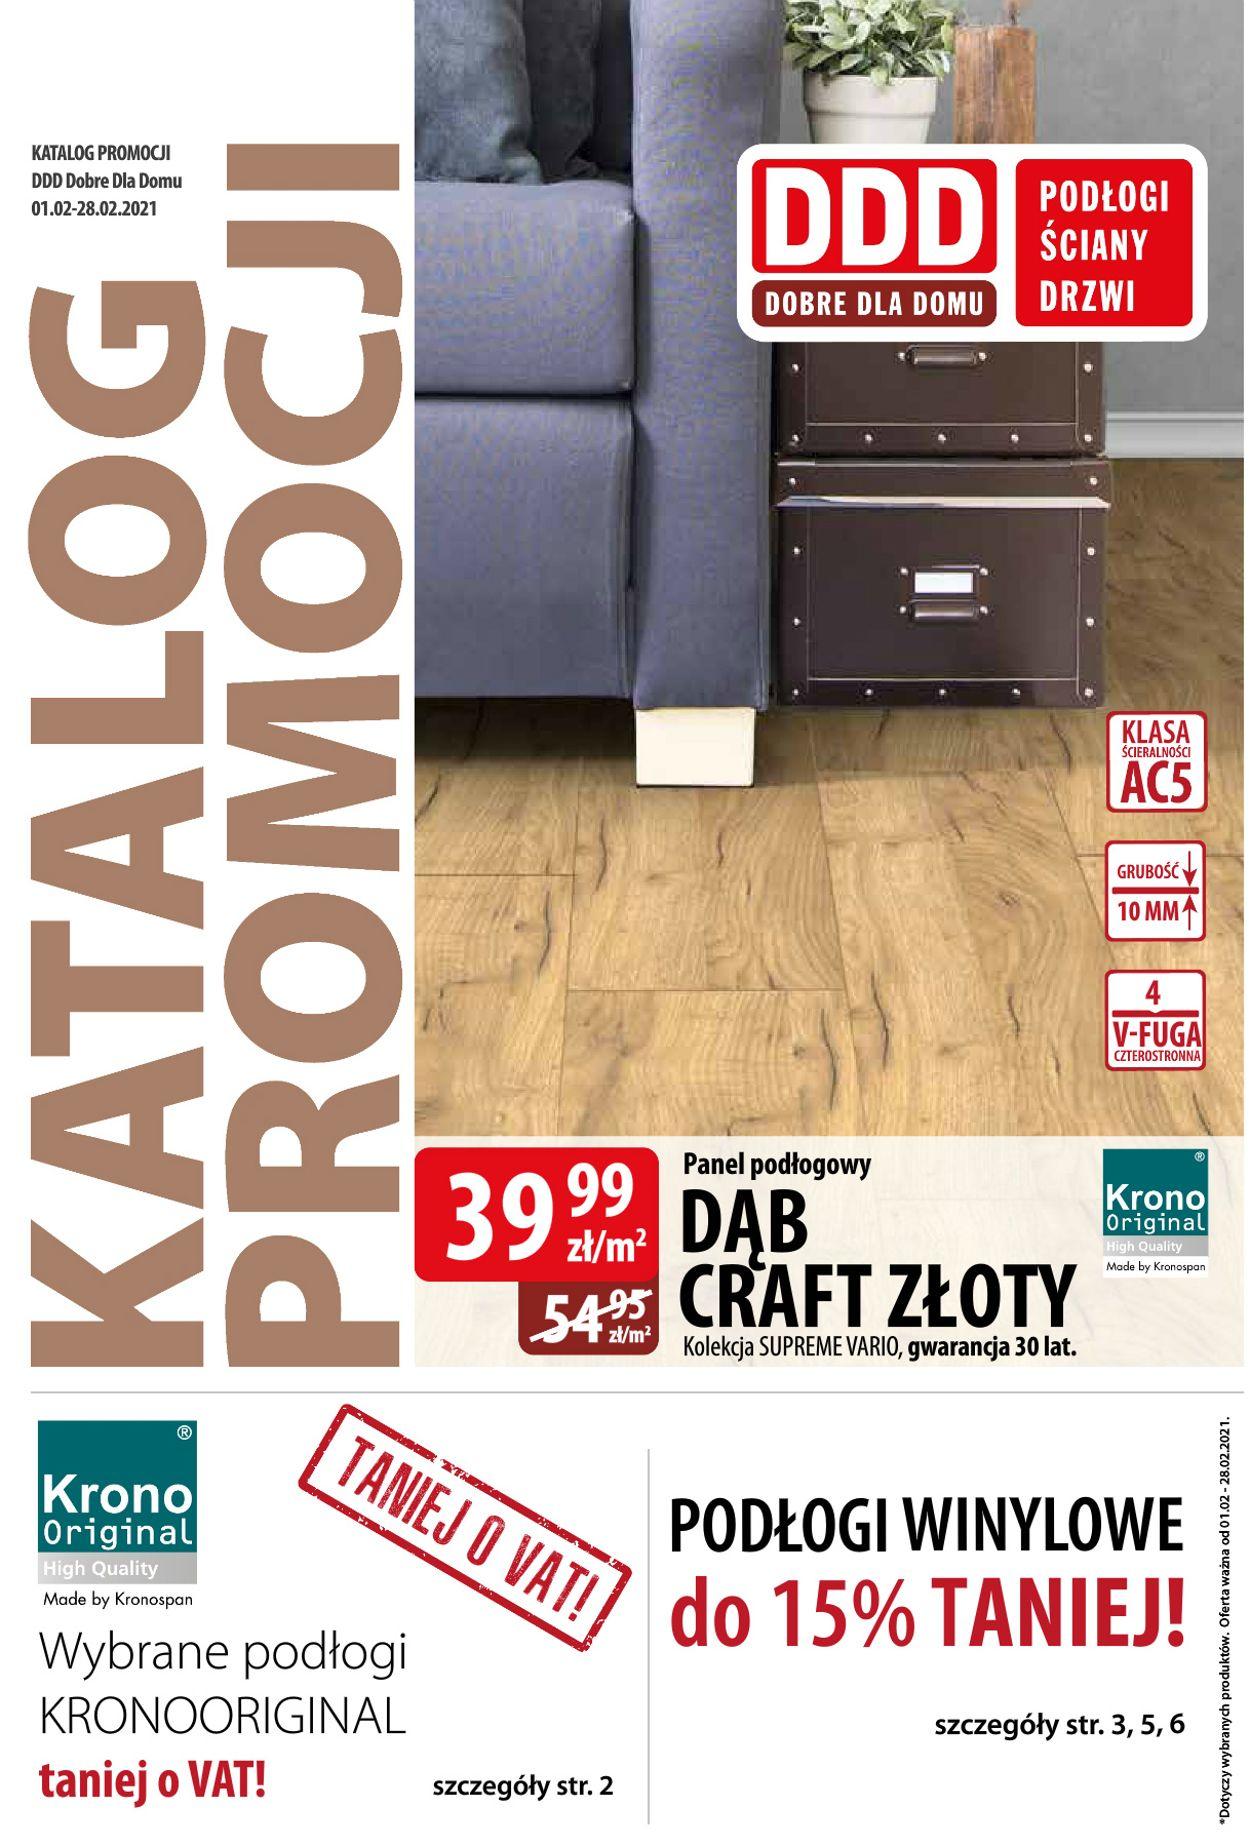 Gazetka promocyjna DDD - 01.02-28.02.2021